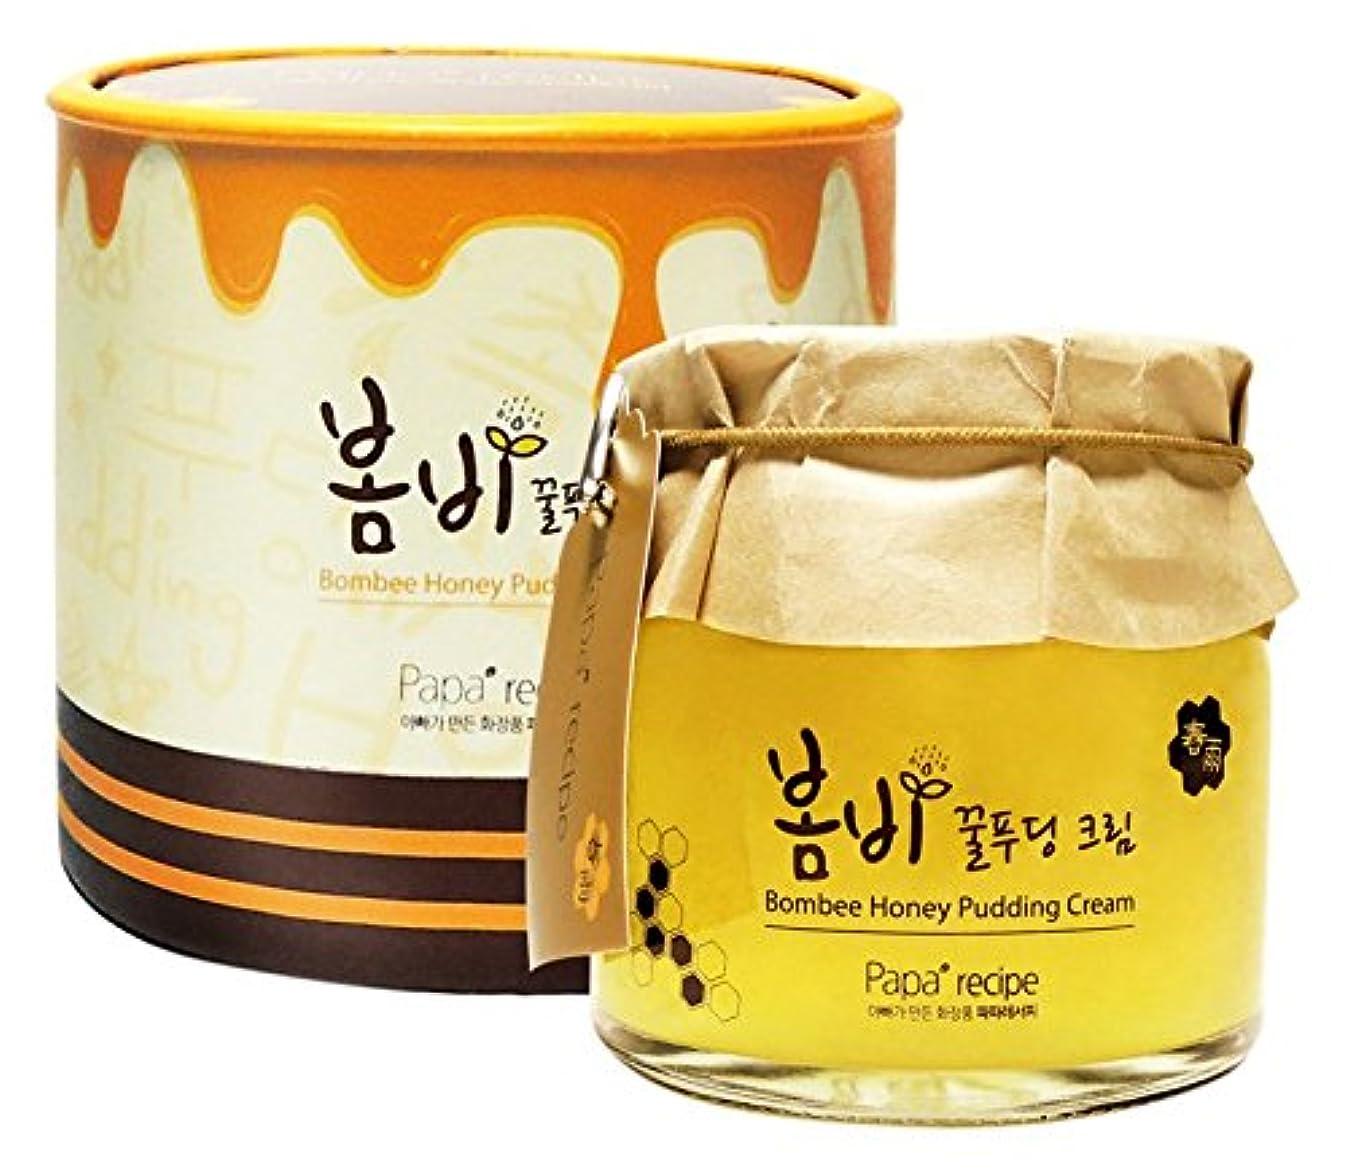 コットン肺地上のPapa recipe Bombee Honey Pudding Cream 135ml/パパレシピ ボムビー ハニー プリン クリーム 135ml